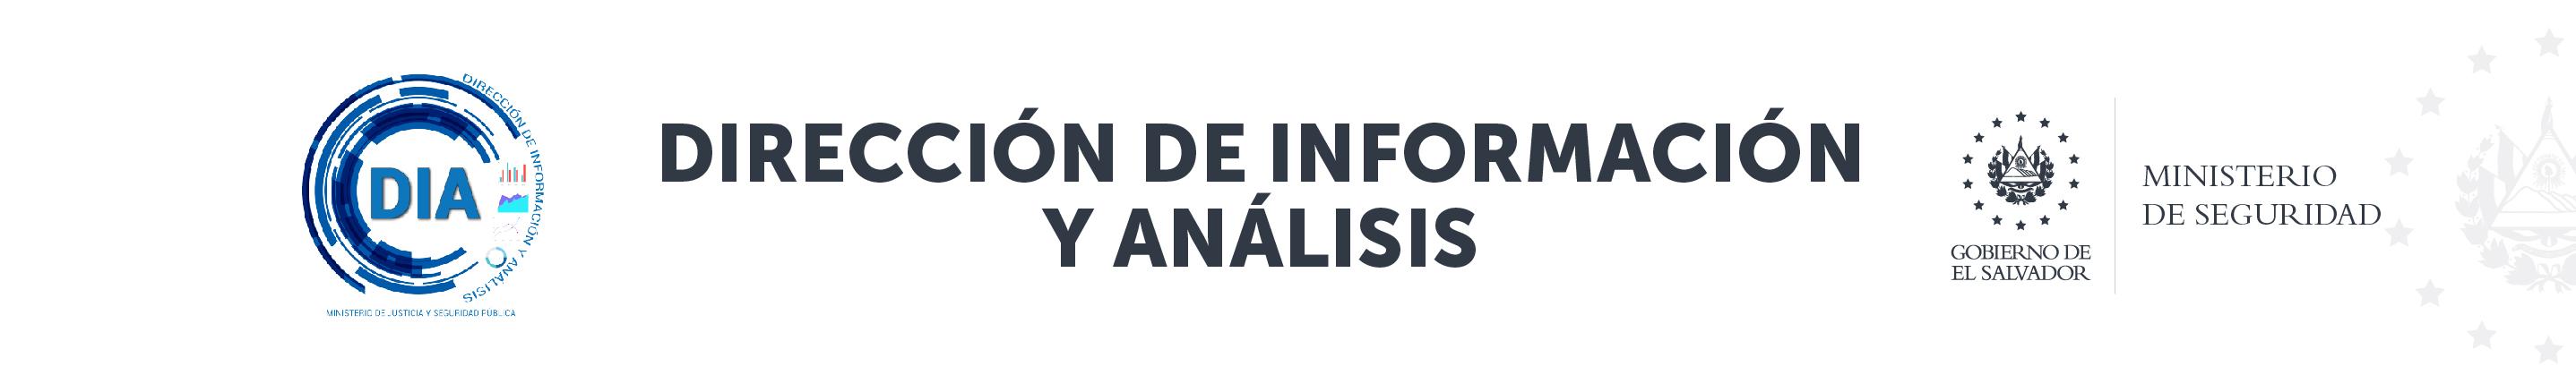 Dirección de Información y Análisis